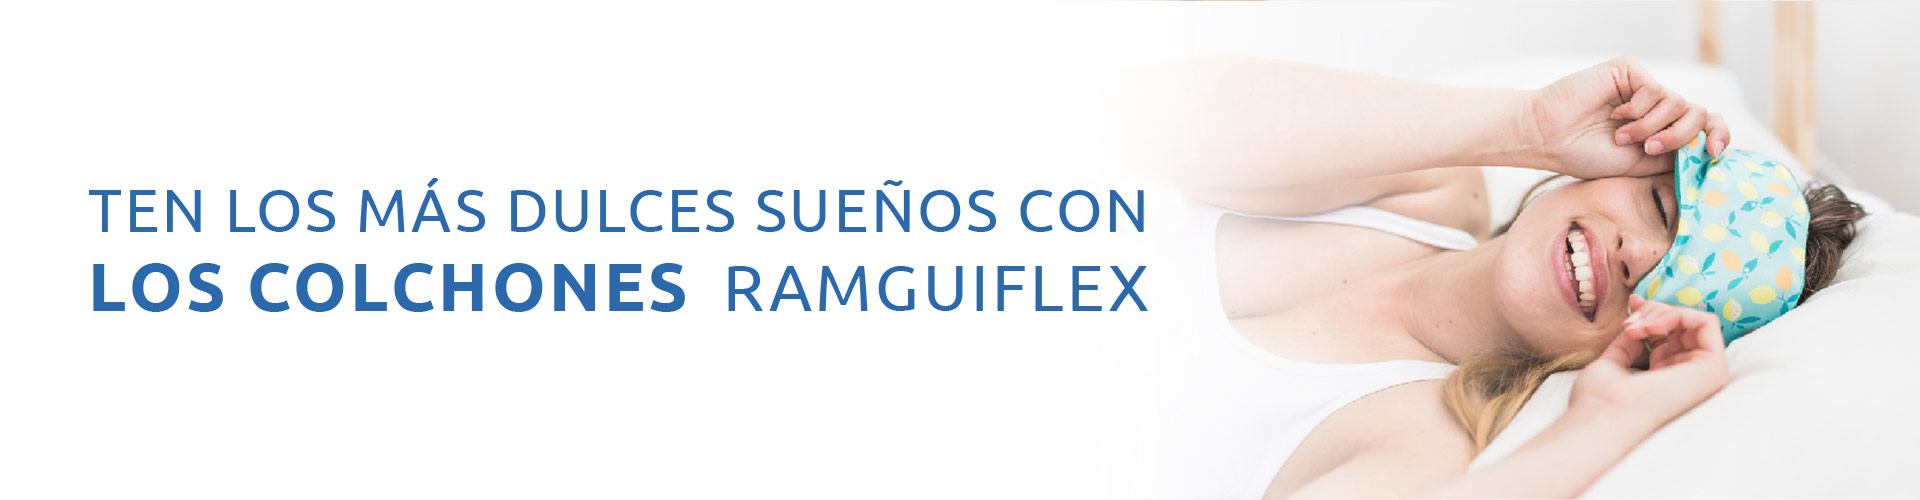 Promoción en Colchones: Colchones de Espuma y Colchones Resortados Ramguiflex